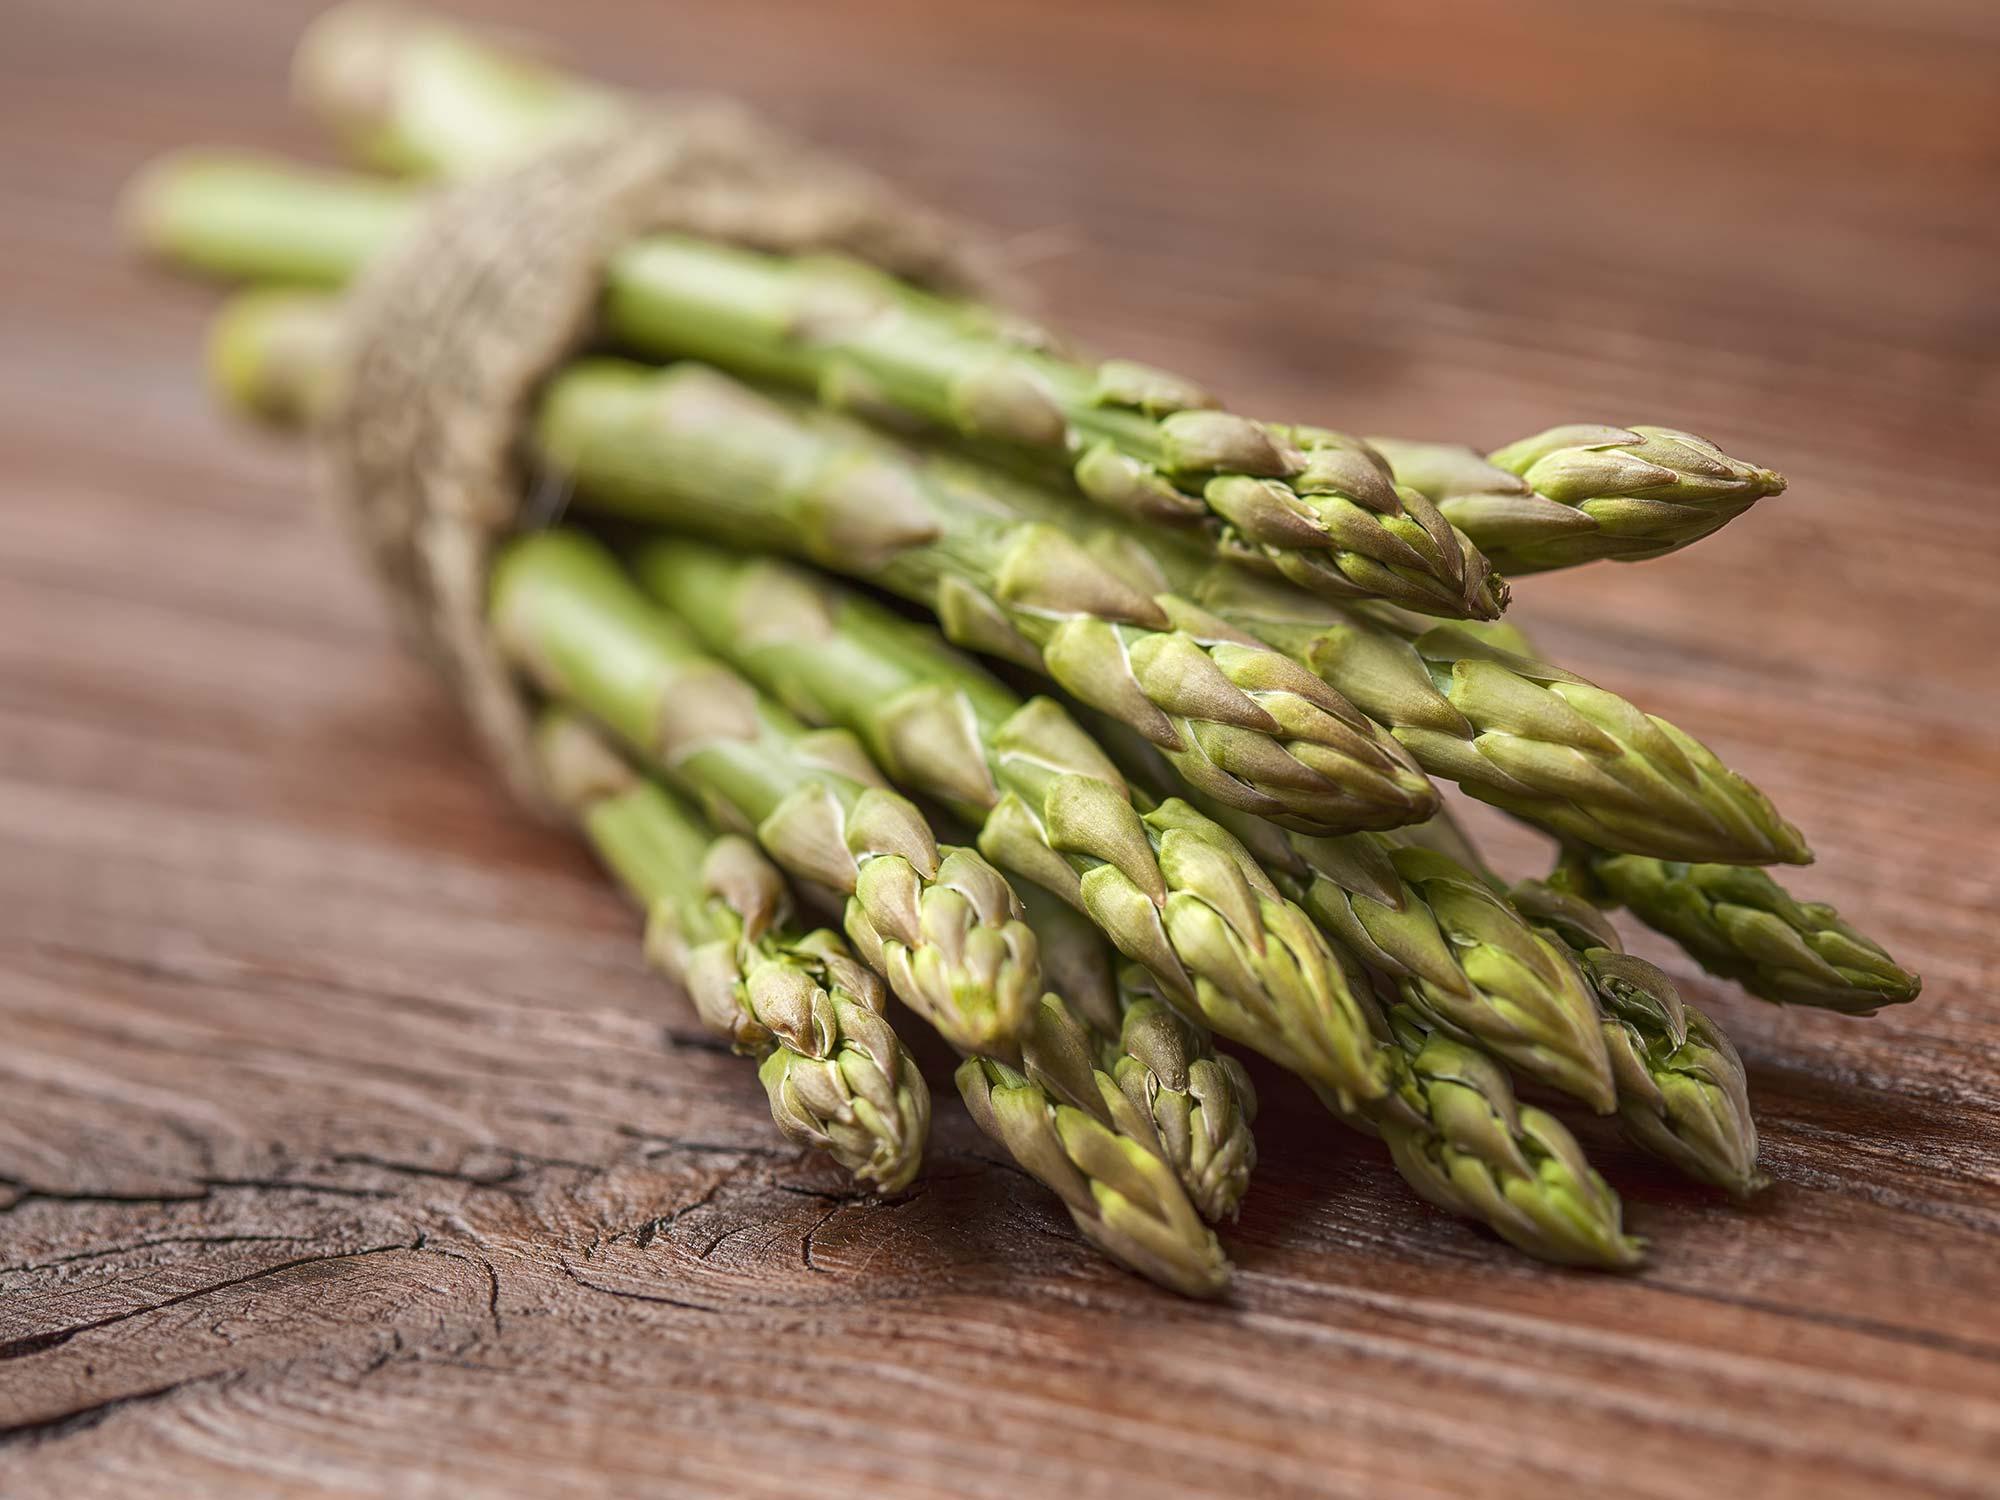 Manfaat Yang Dirasakan Saat Rutin Makan Asparagus